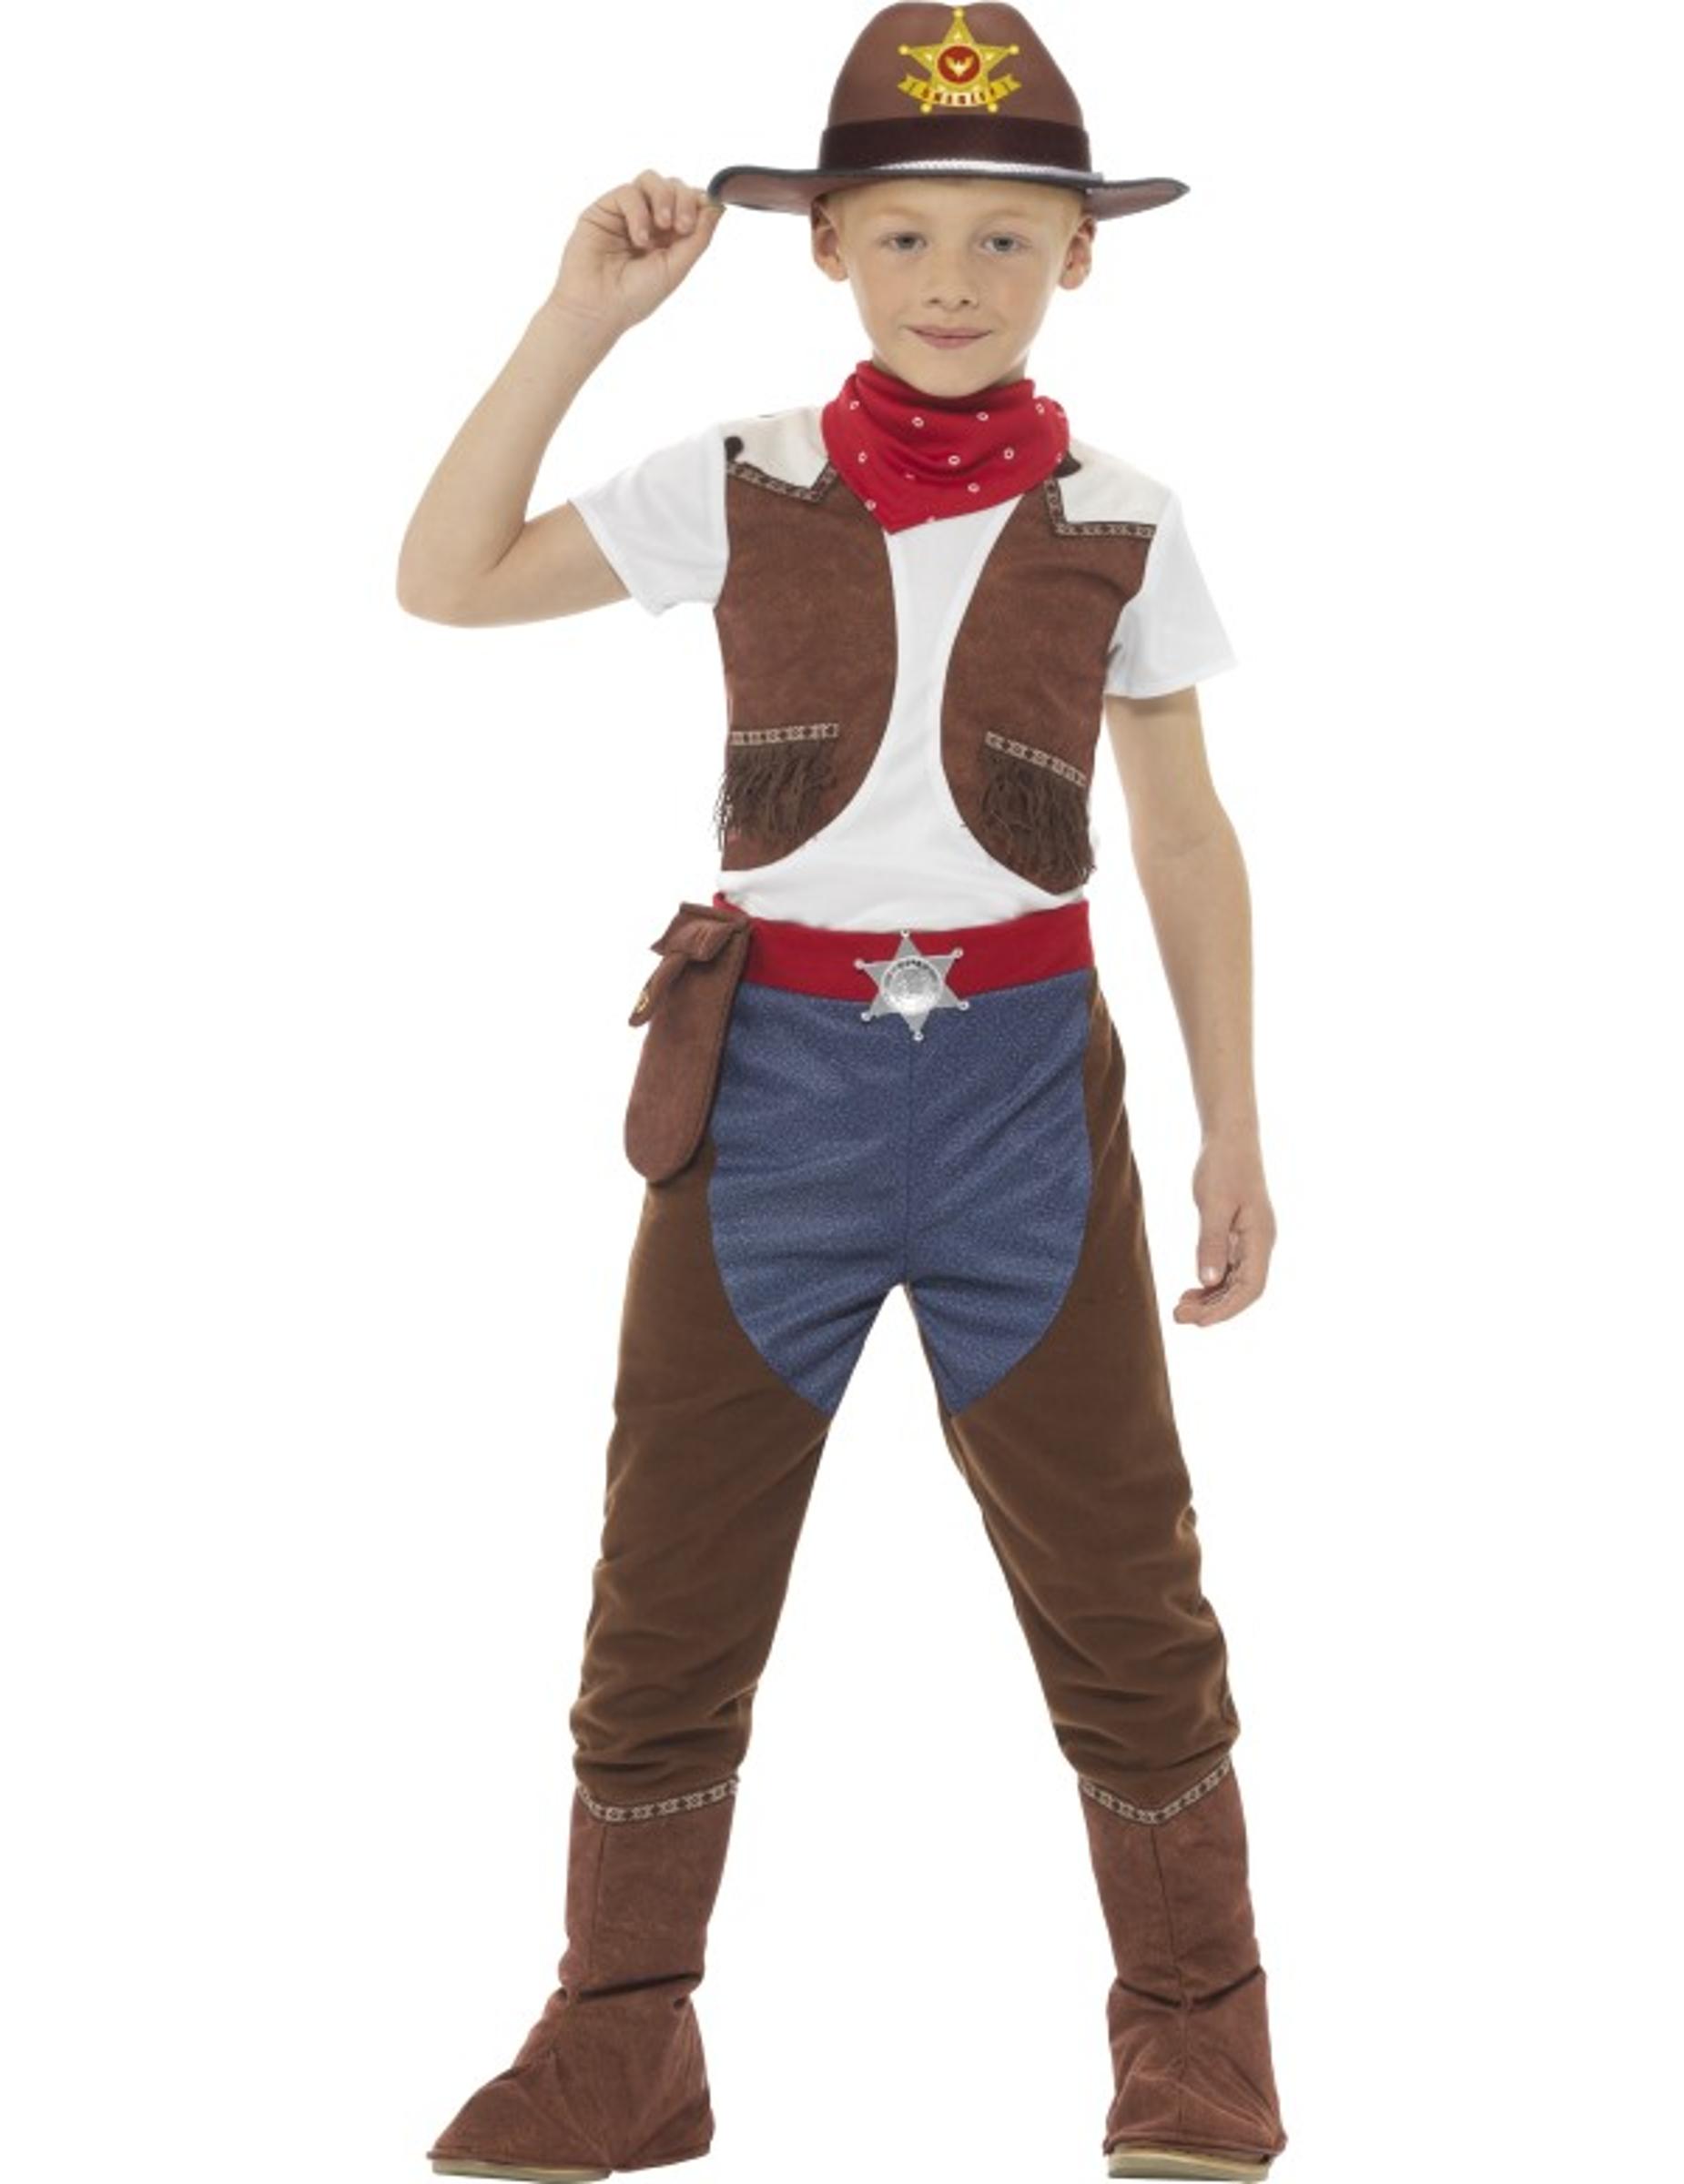 originale a caldo meglio alta moda Costume da cowboy texano per bambino: Costumi bambini,e ...